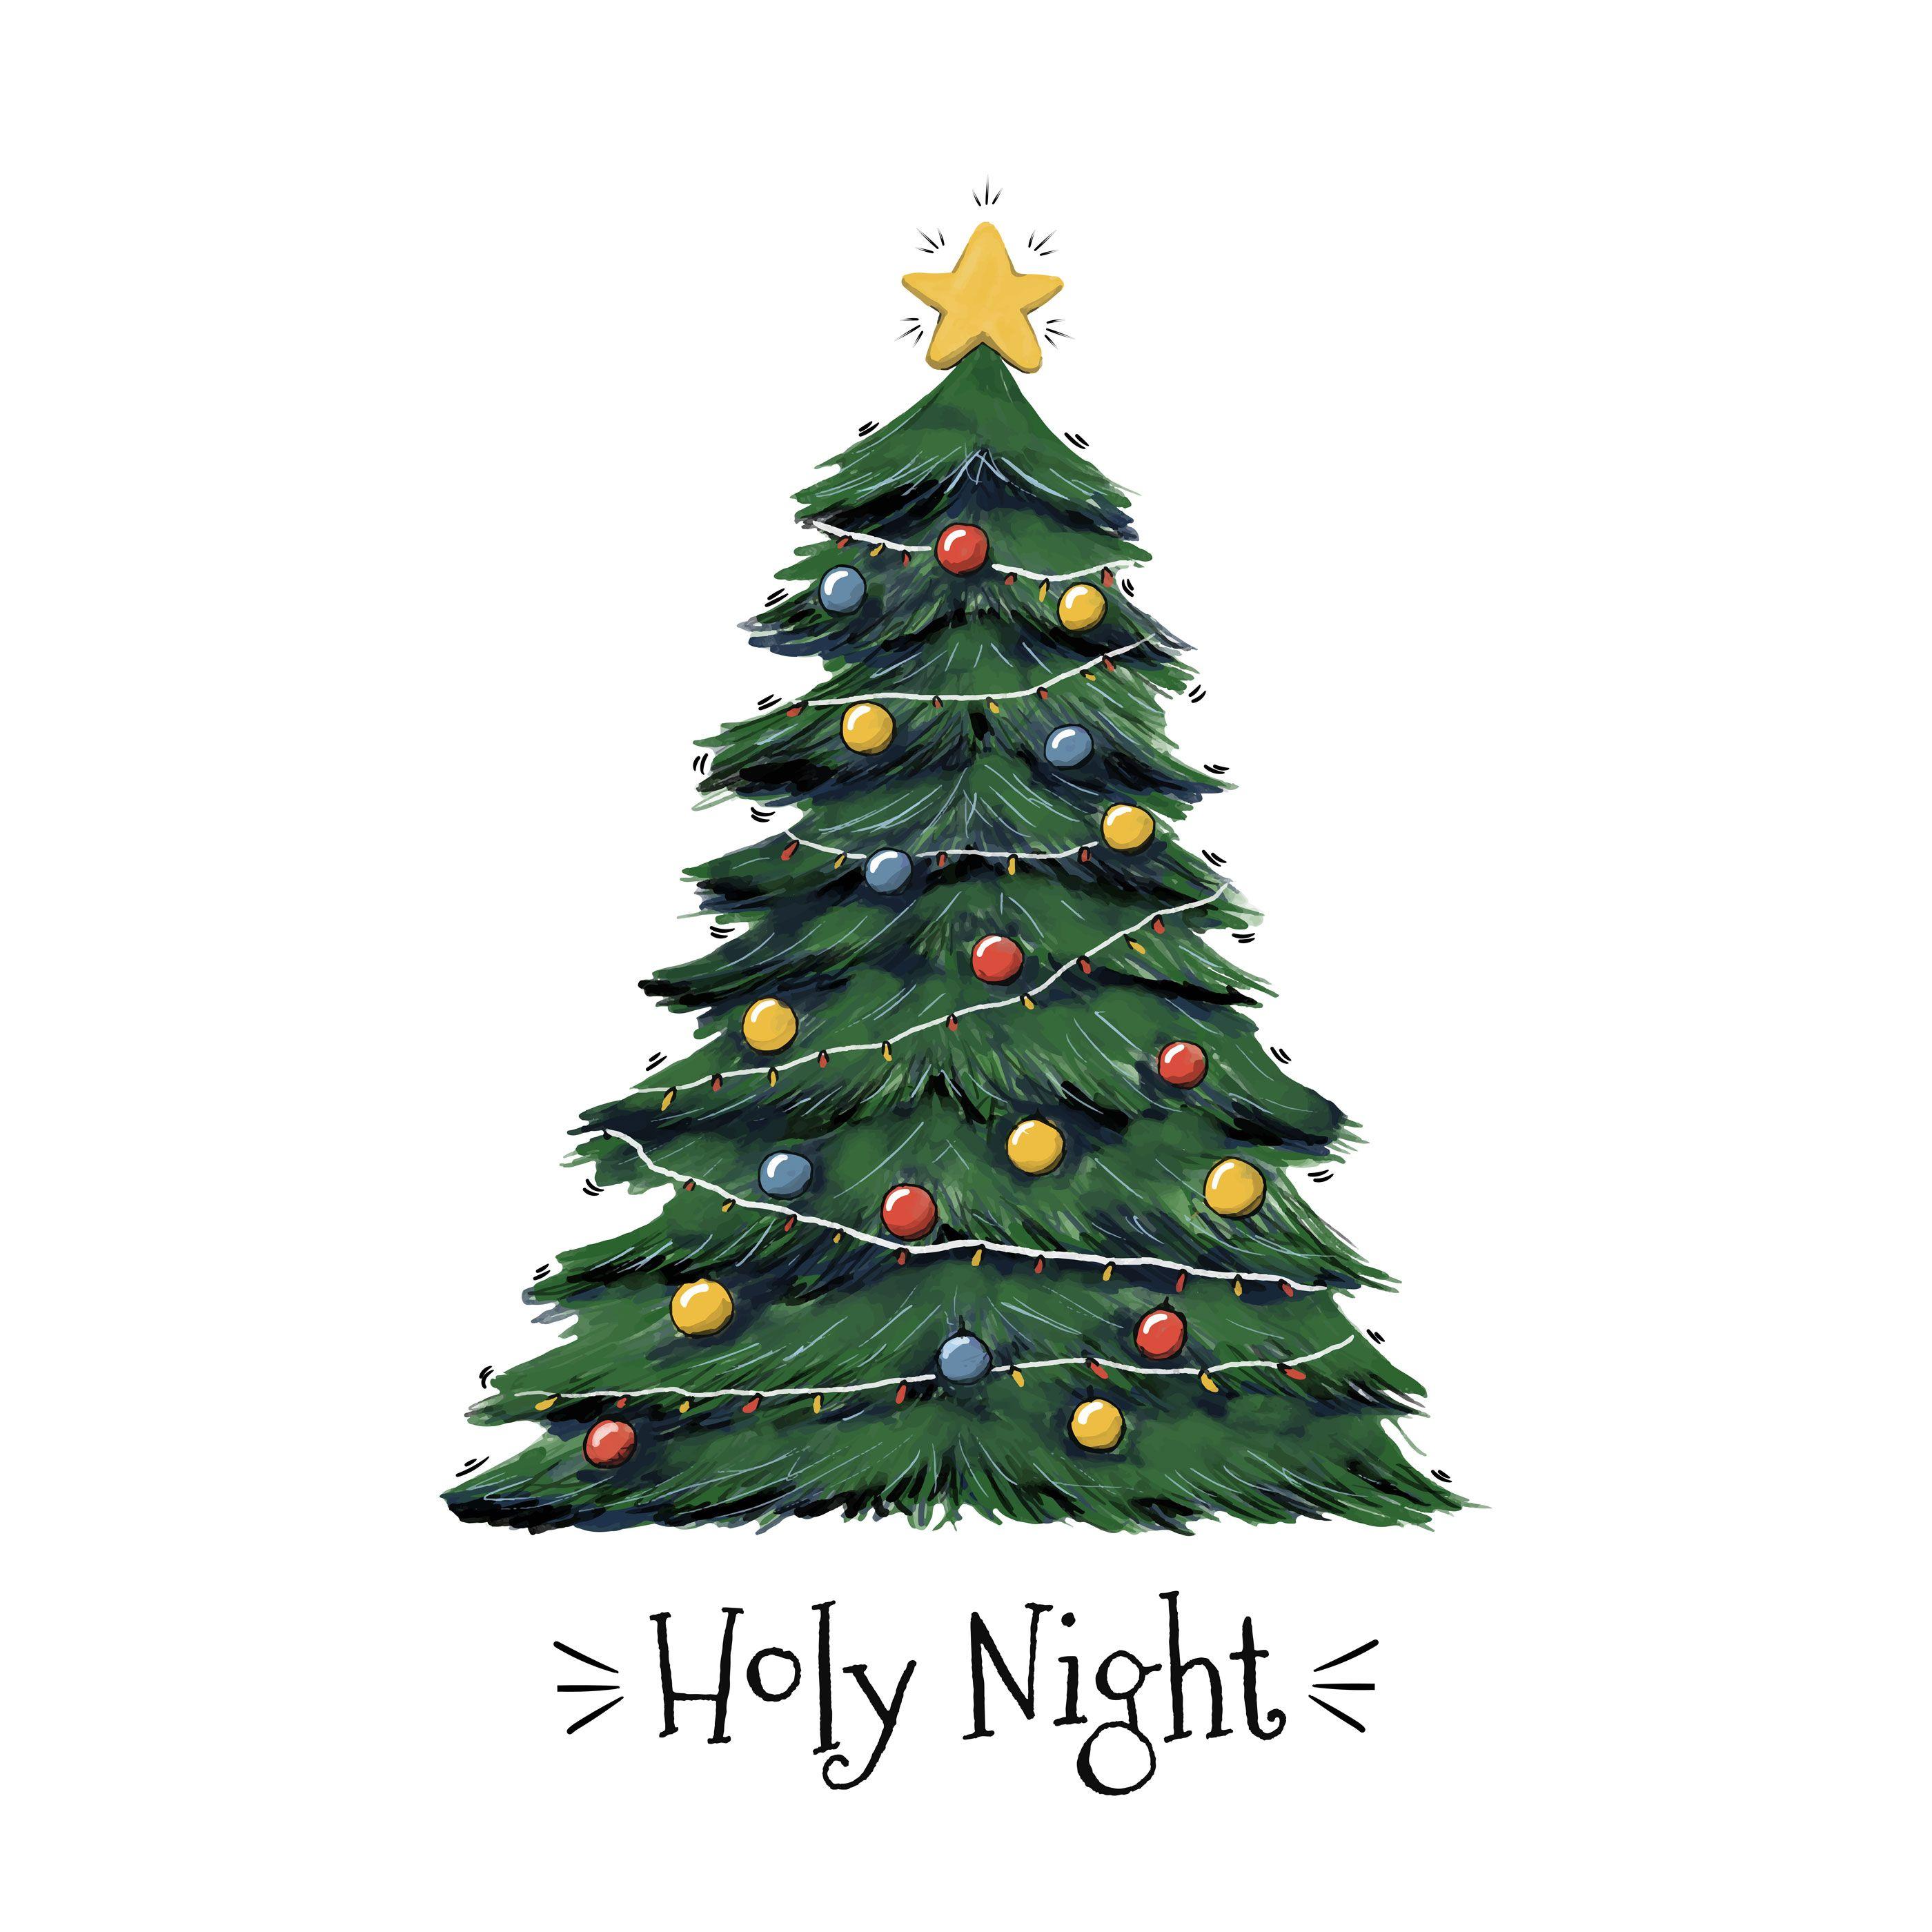 Holy Night Christmas Tree Vector Christmas Tree Drawing Christmas Paintings Christmas Watercolor